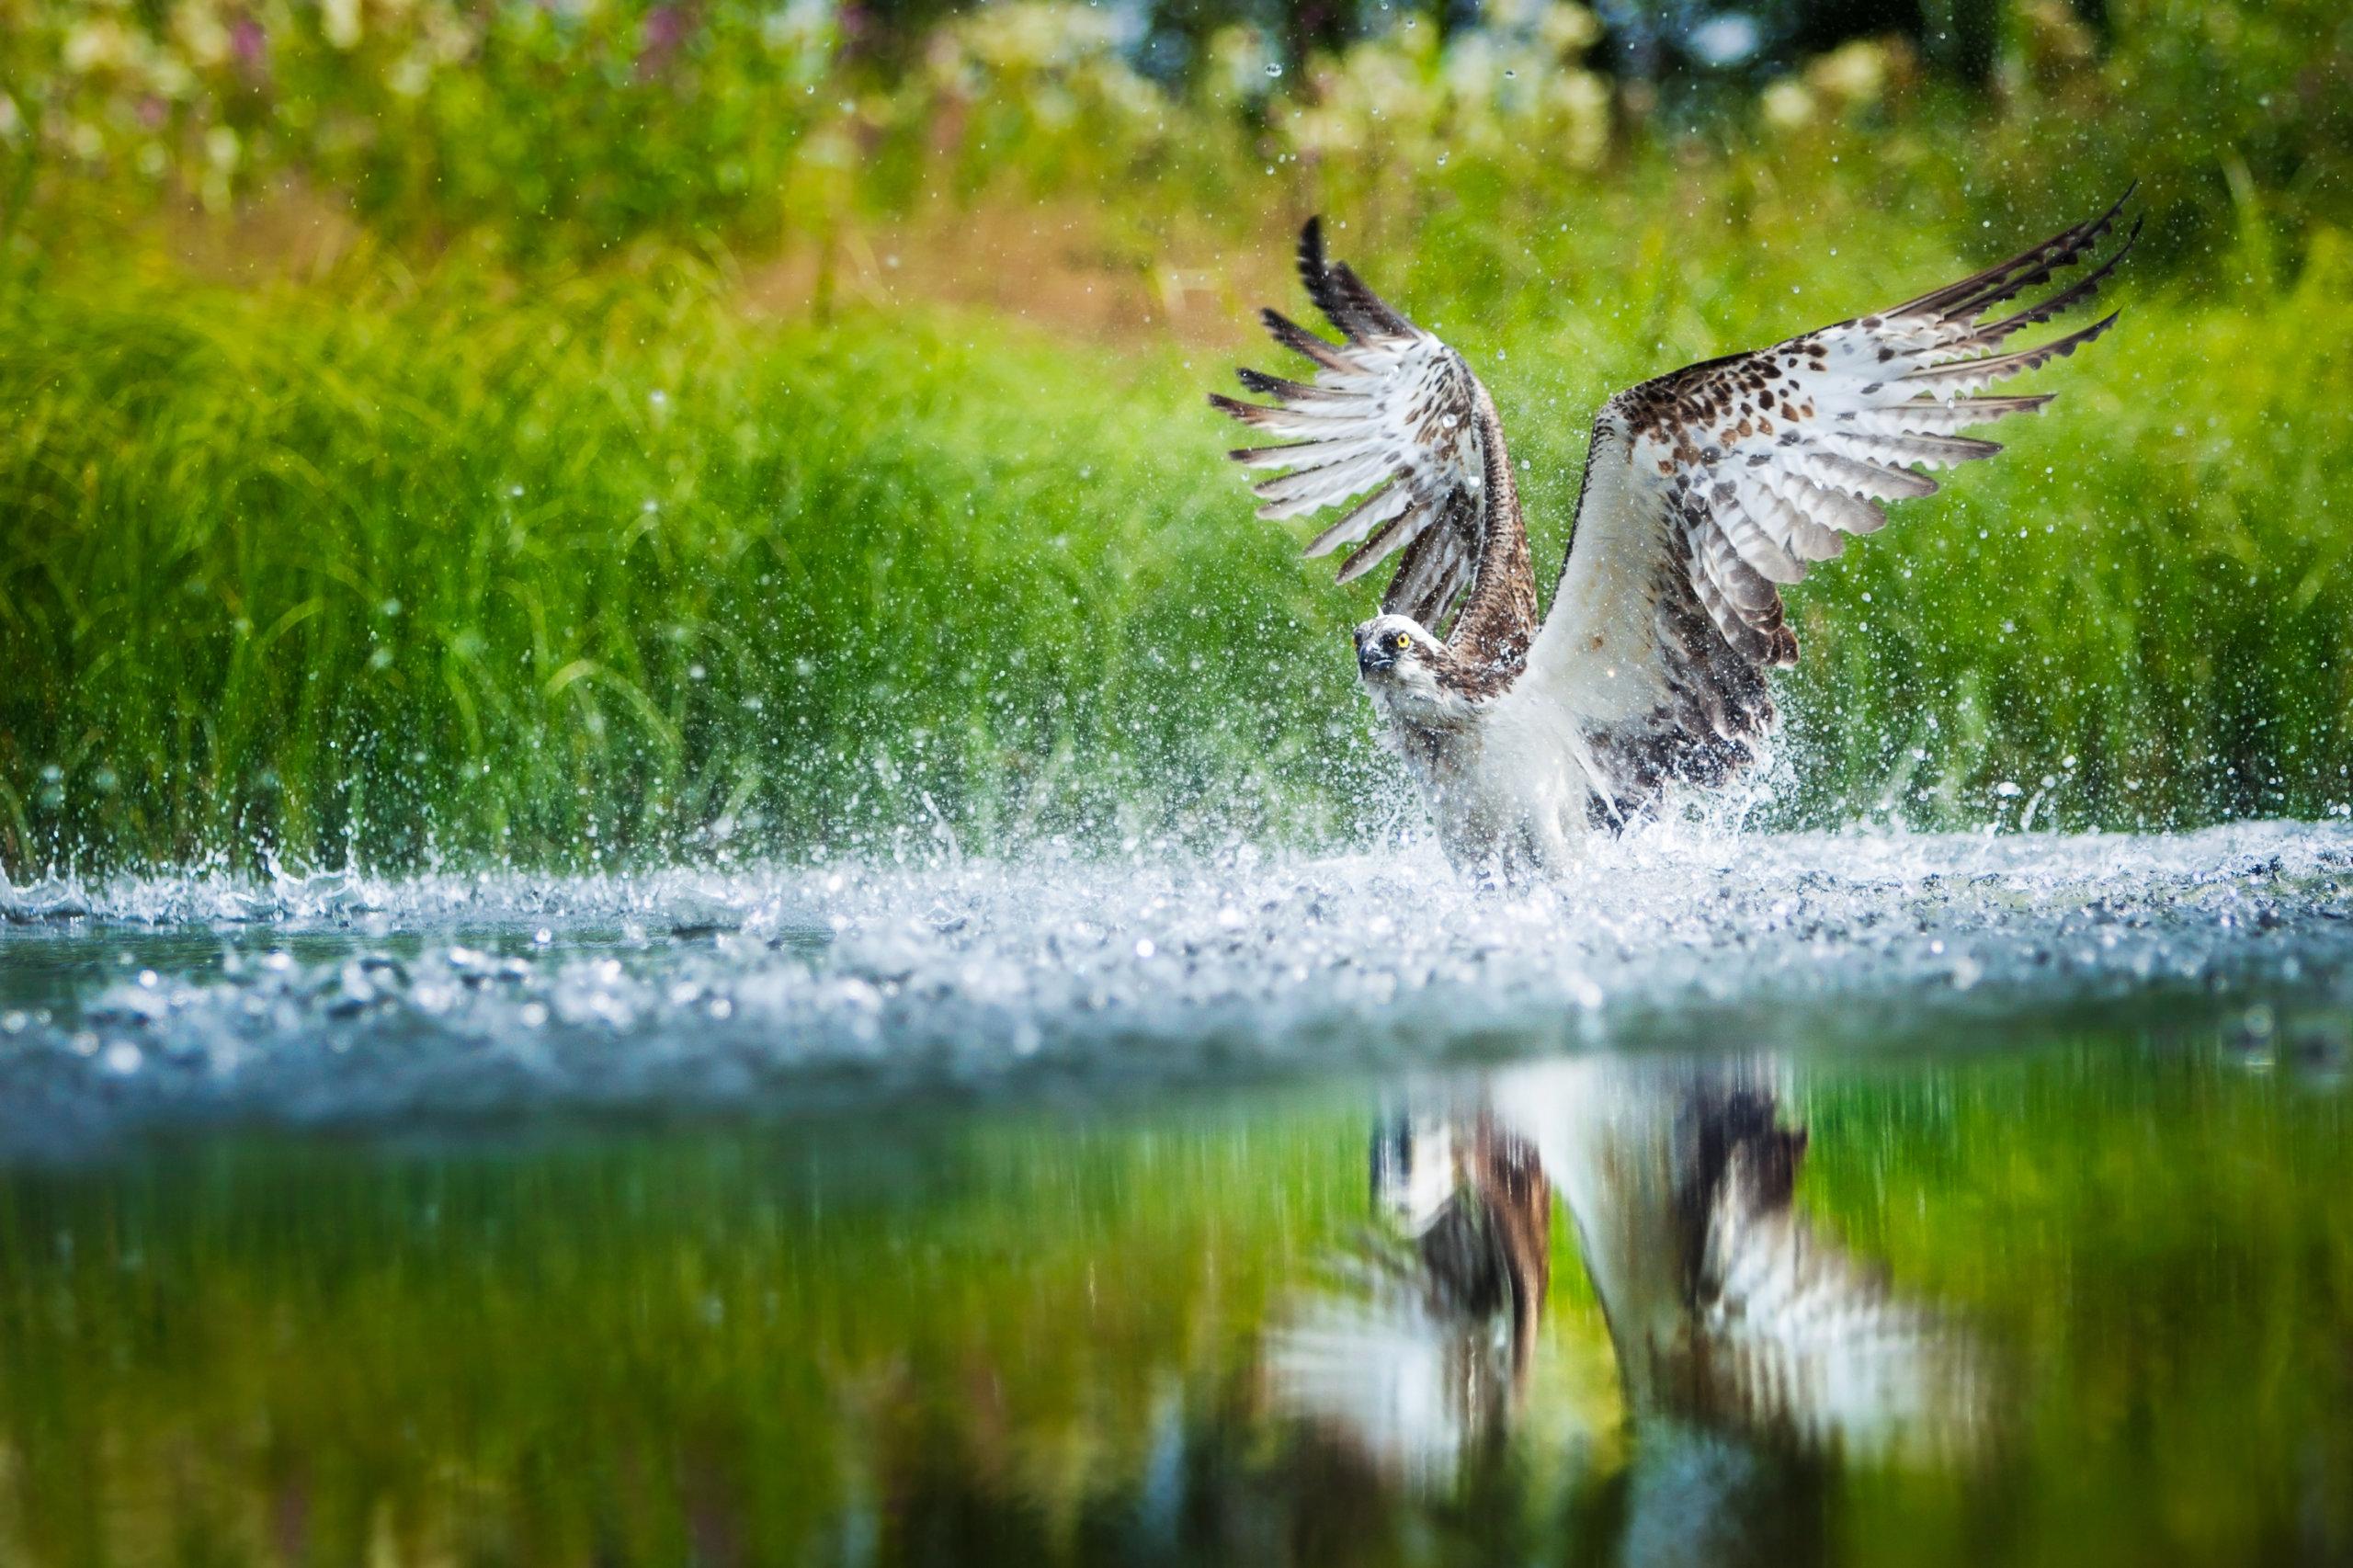 Tunnetko sinä Kangasalan? Vastaa visaisiin kysymyksiin. Kuvassa kalasääksi saalistamassa Pohtiolammella. Kuva: Tero Hakala/ Studio Pelisalmi